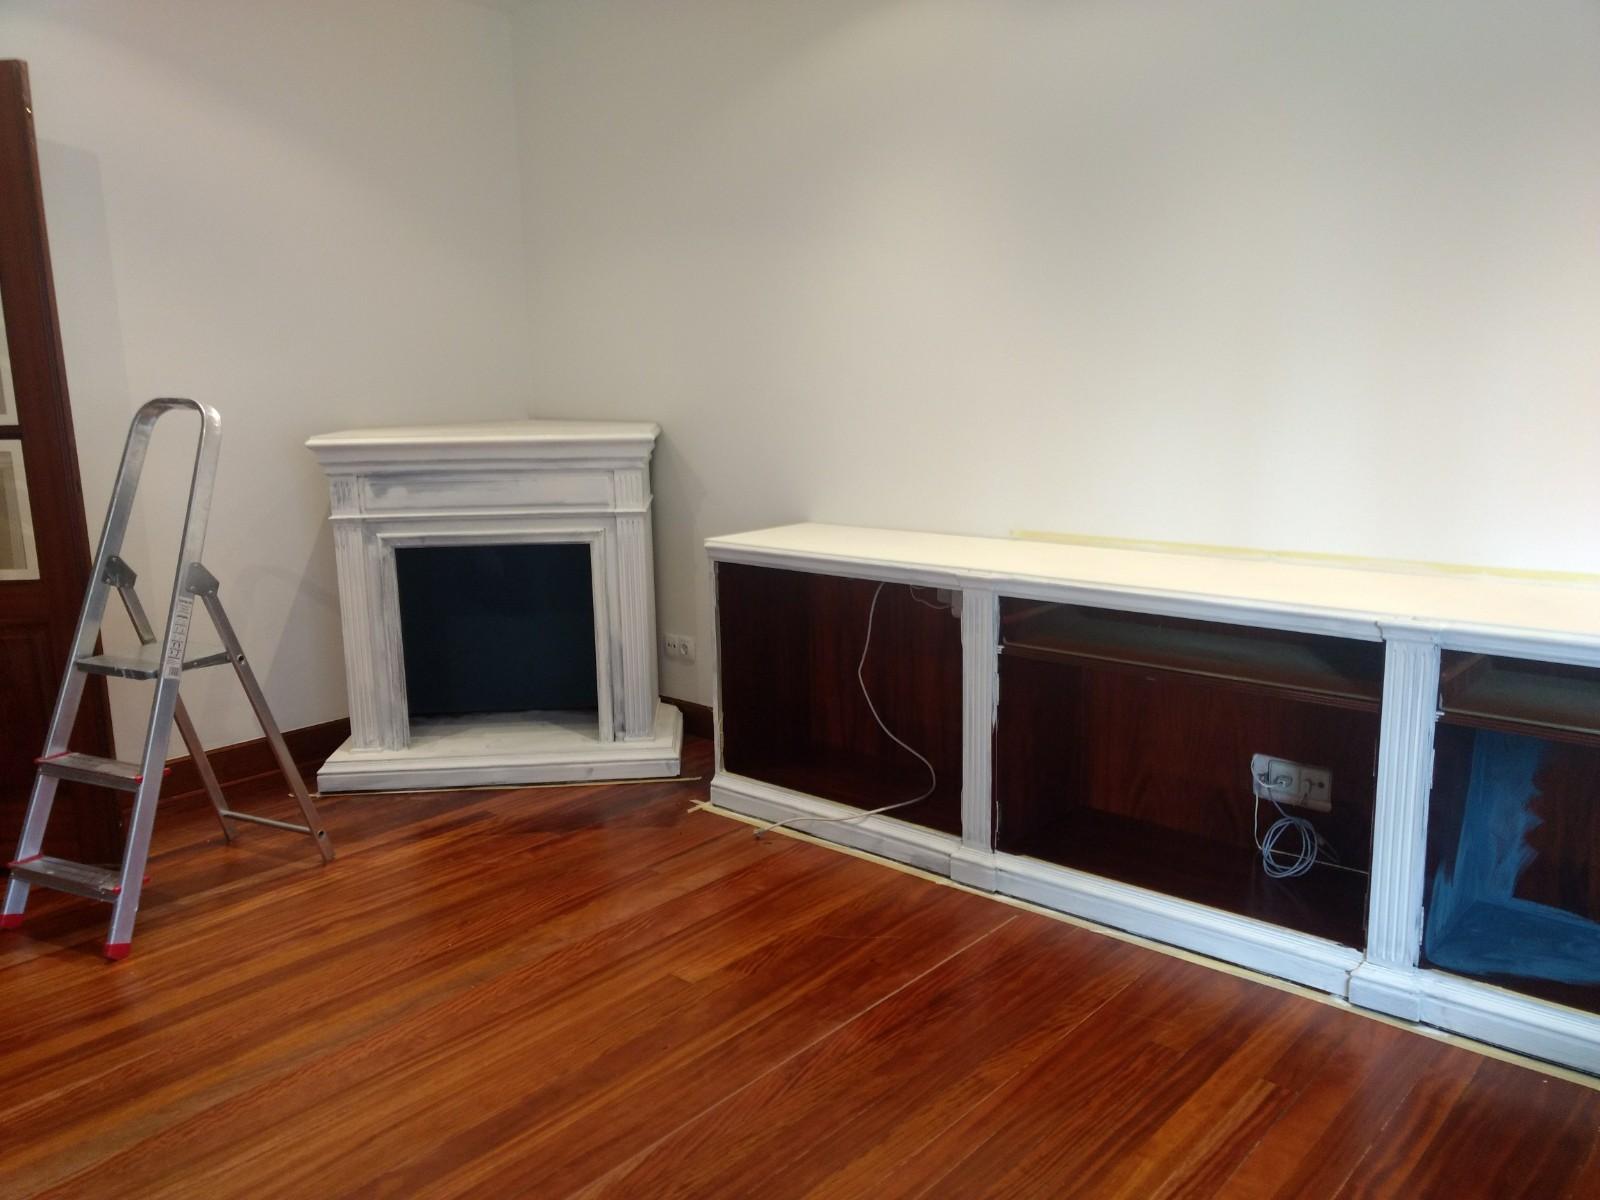 Los muebles y el espacio están divididos en dos partes, la zona de la chimenea y la de la estantería. Una vez desmontado y puestas las piezas que necesitaba, como las encimeras, se empezó con las primeras manos de Chalk Paint Annie Sloan - TRATE Tienda Taller